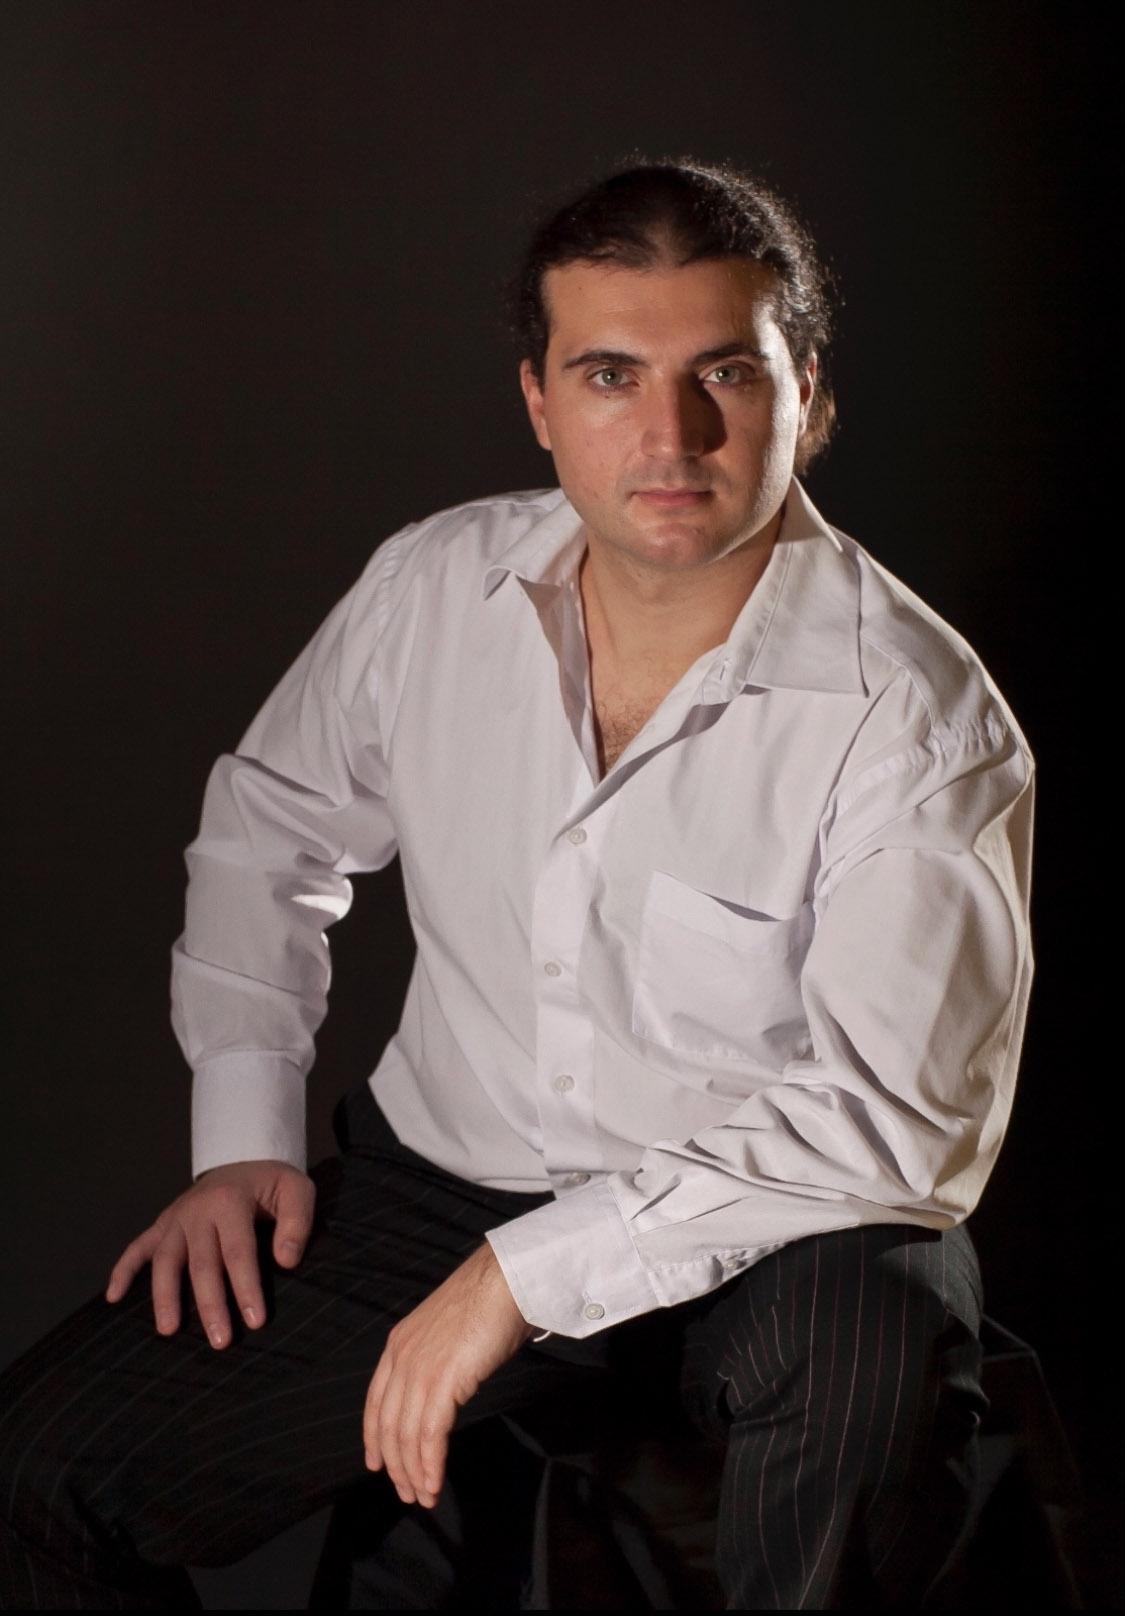 Miki Stojanov